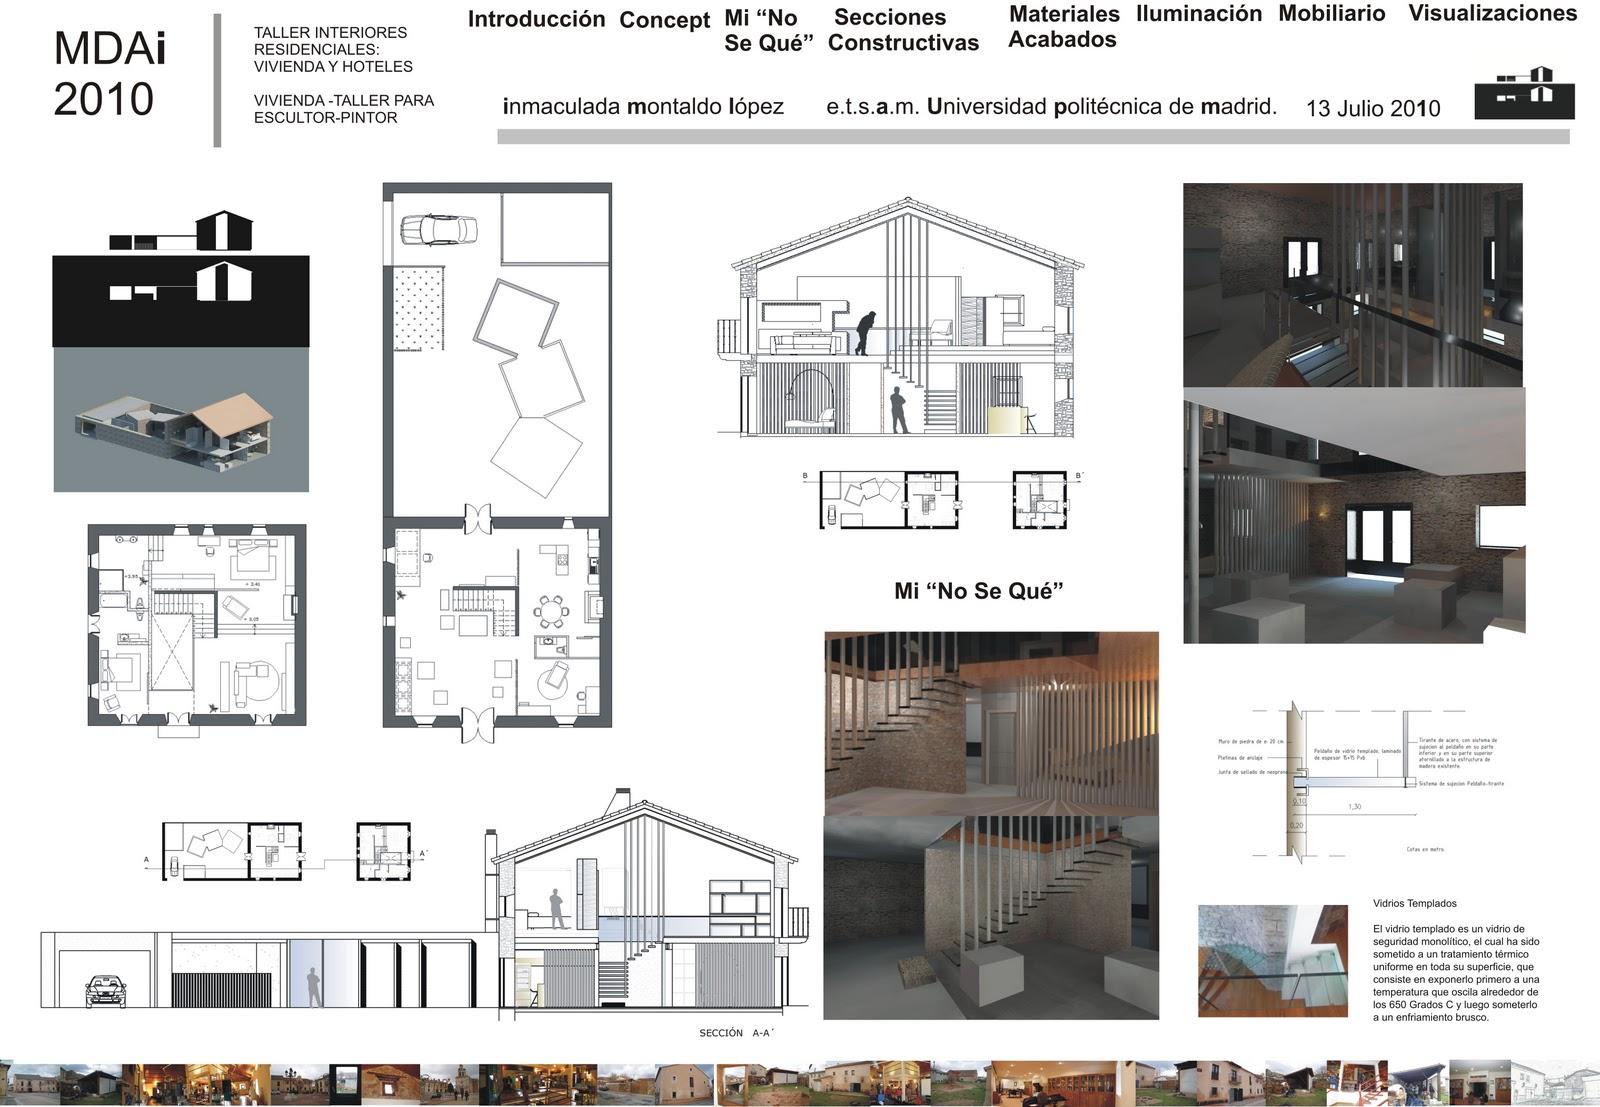 Inmaculada montaldo l pez arquitecta t arquitecta for Arquitecta de interiores